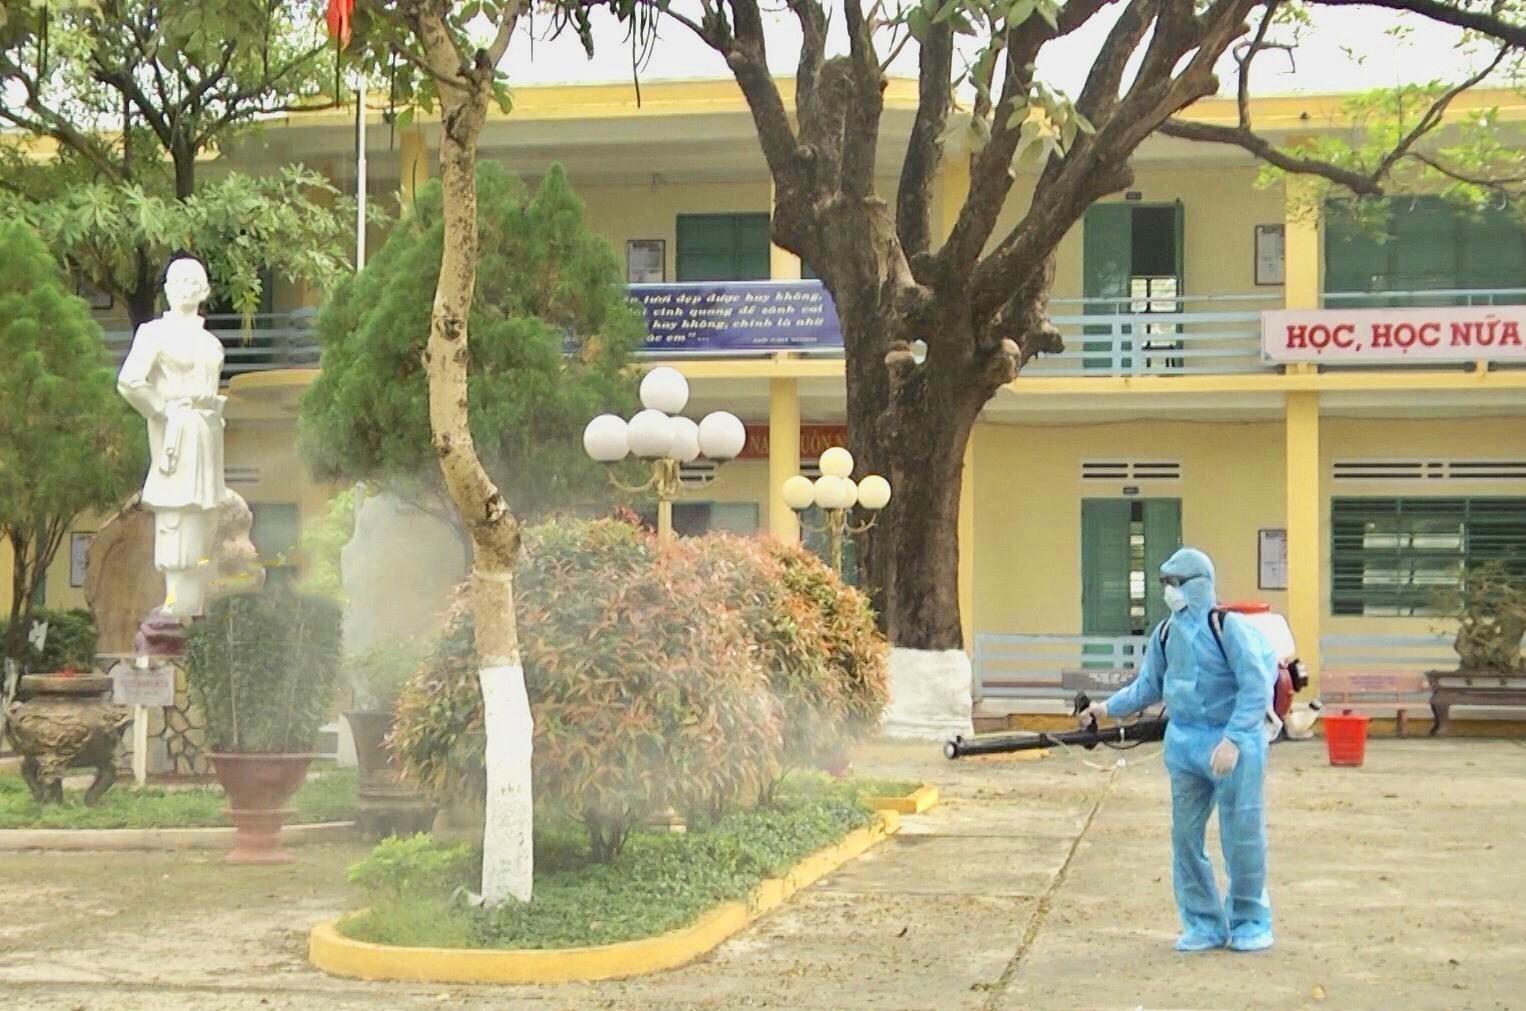 Công tác xử lý, khử trùng tại Điện Bàn đang diễn ra khẩn trương dù thời tiết không thuận lợi. Ảnh: Q.T